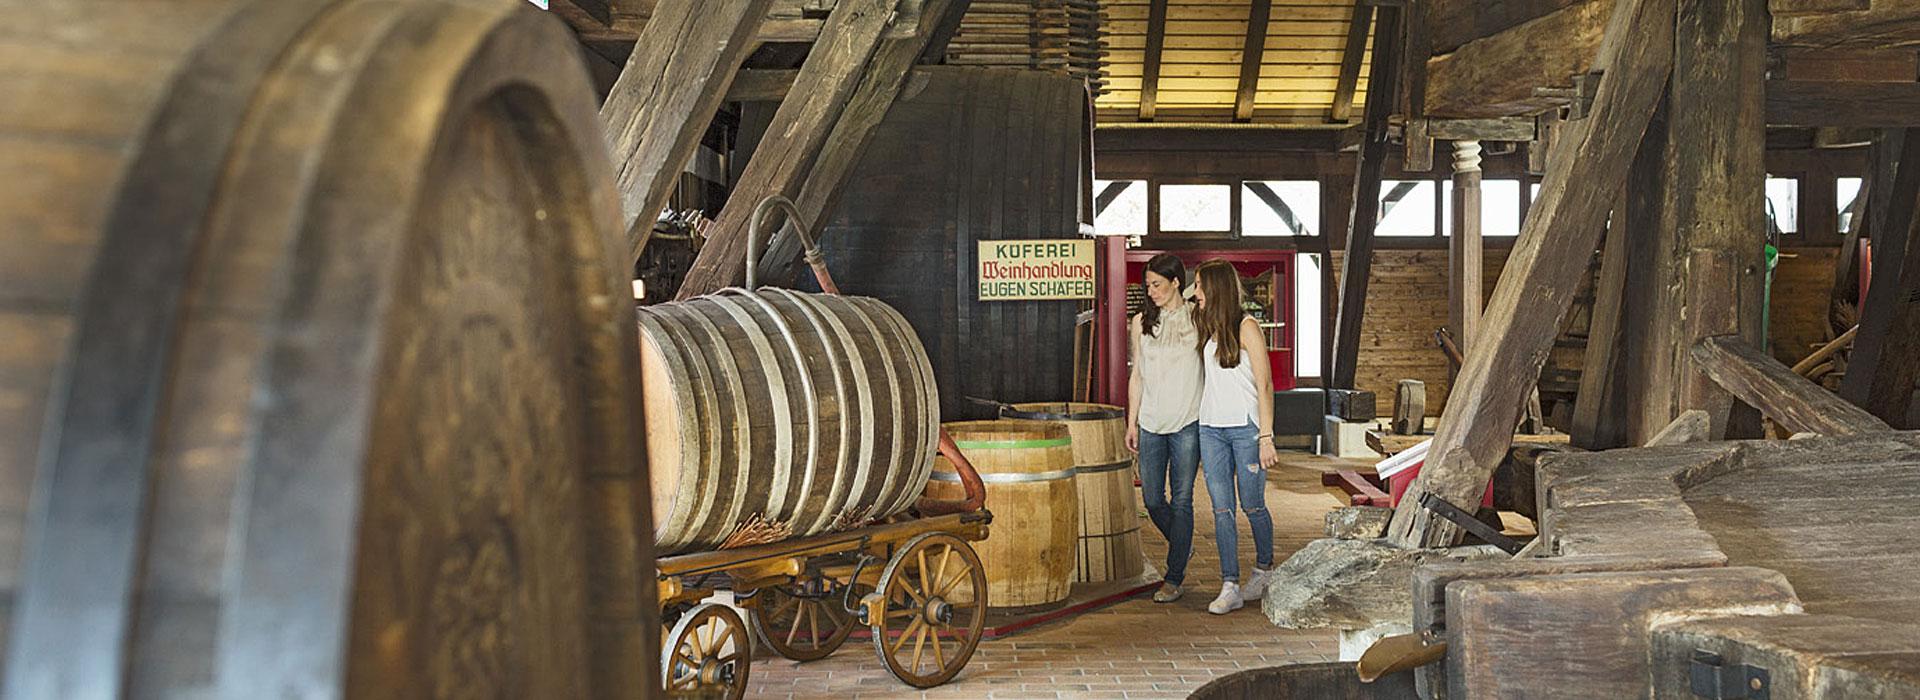 Weinbaumuseum Metzingen innen